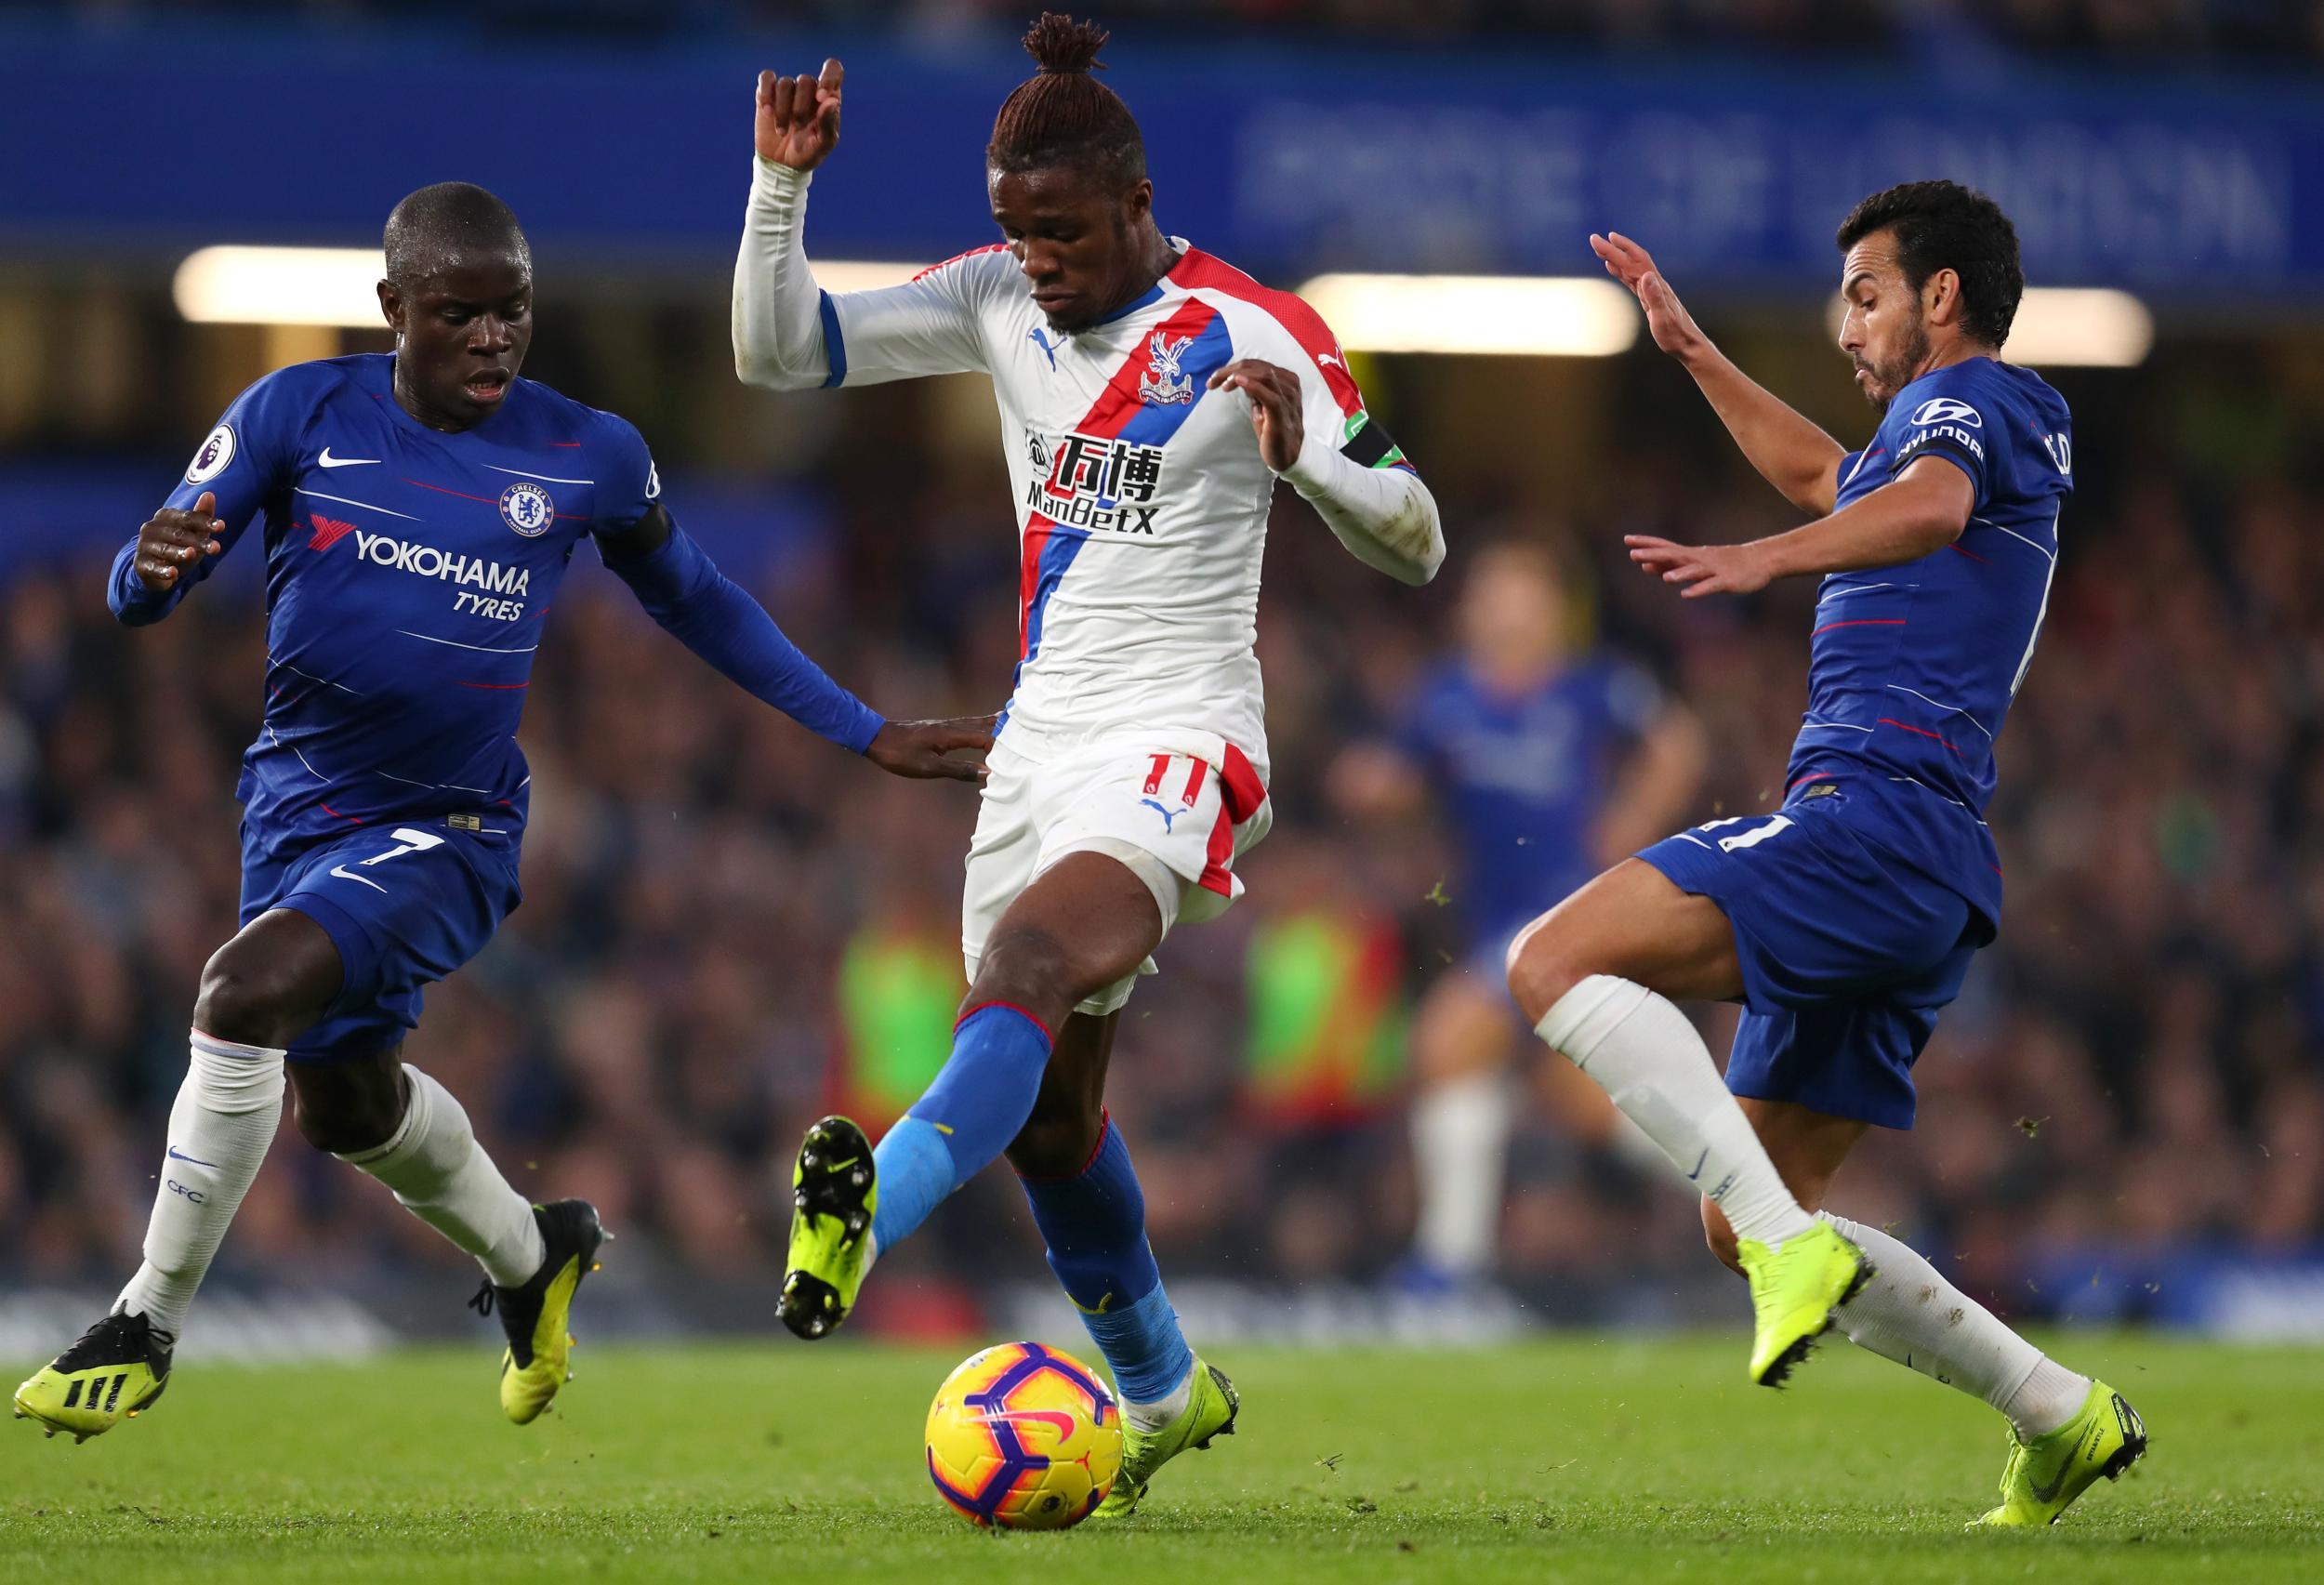 Soi kèo Crystal Palace vs Chelsea, 23h30 ngày 10/4 – Premier league